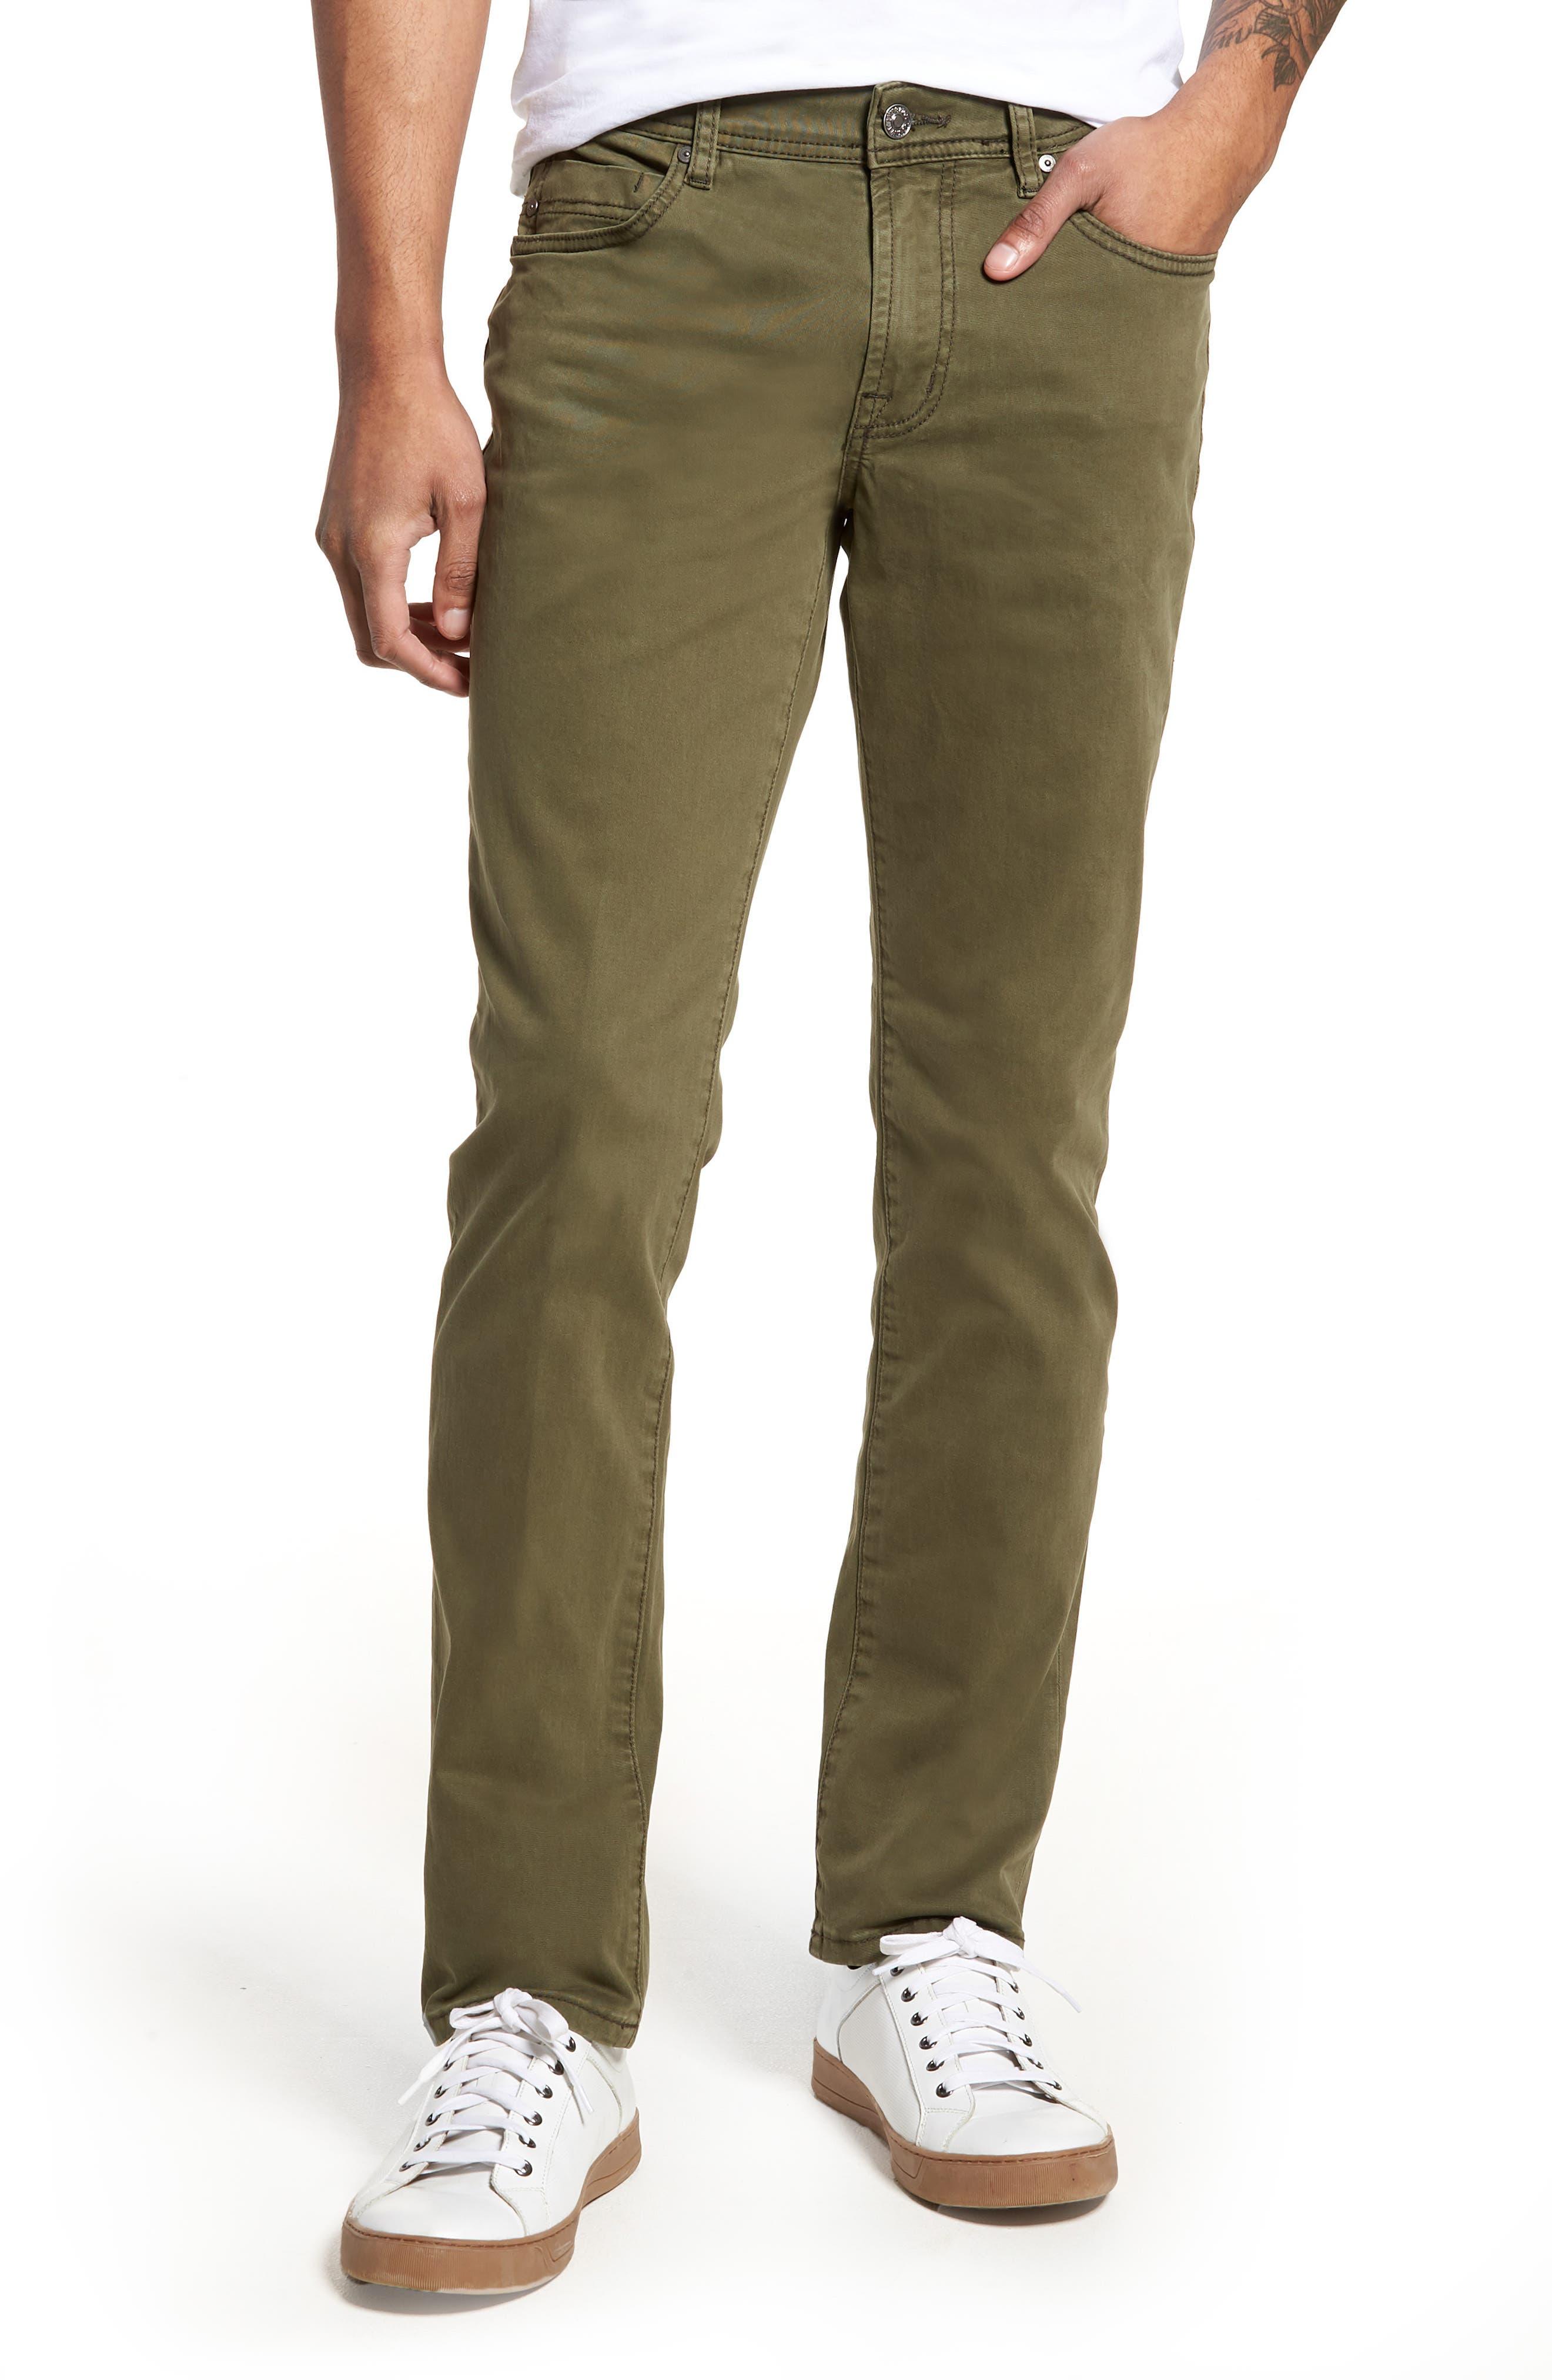 Jeans Co. Kingston Slim Straight Leg Jeans,                             Main thumbnail 1, color,                             Olive Night